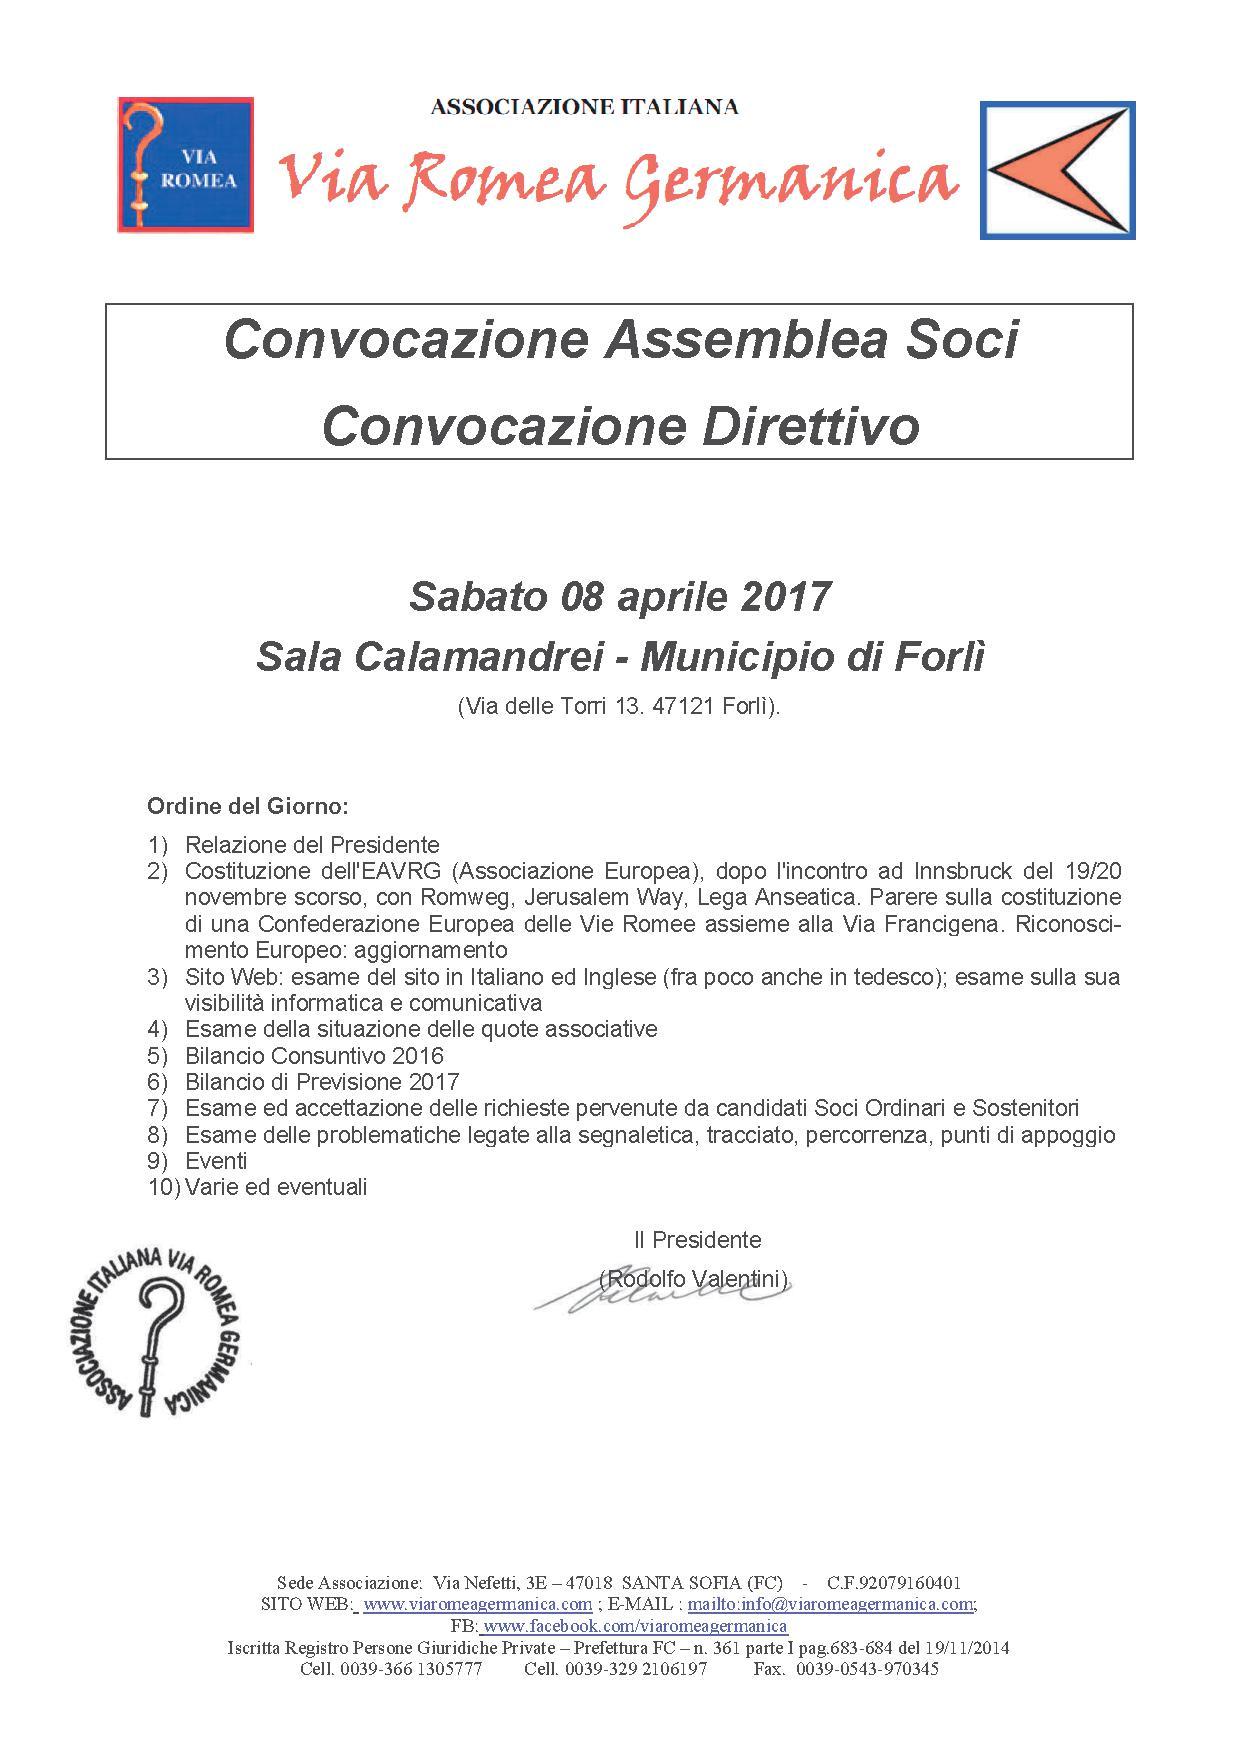 08 APRILE 2017 -ASSEMBLEA DELLA VIA ROMEA GERMANICA